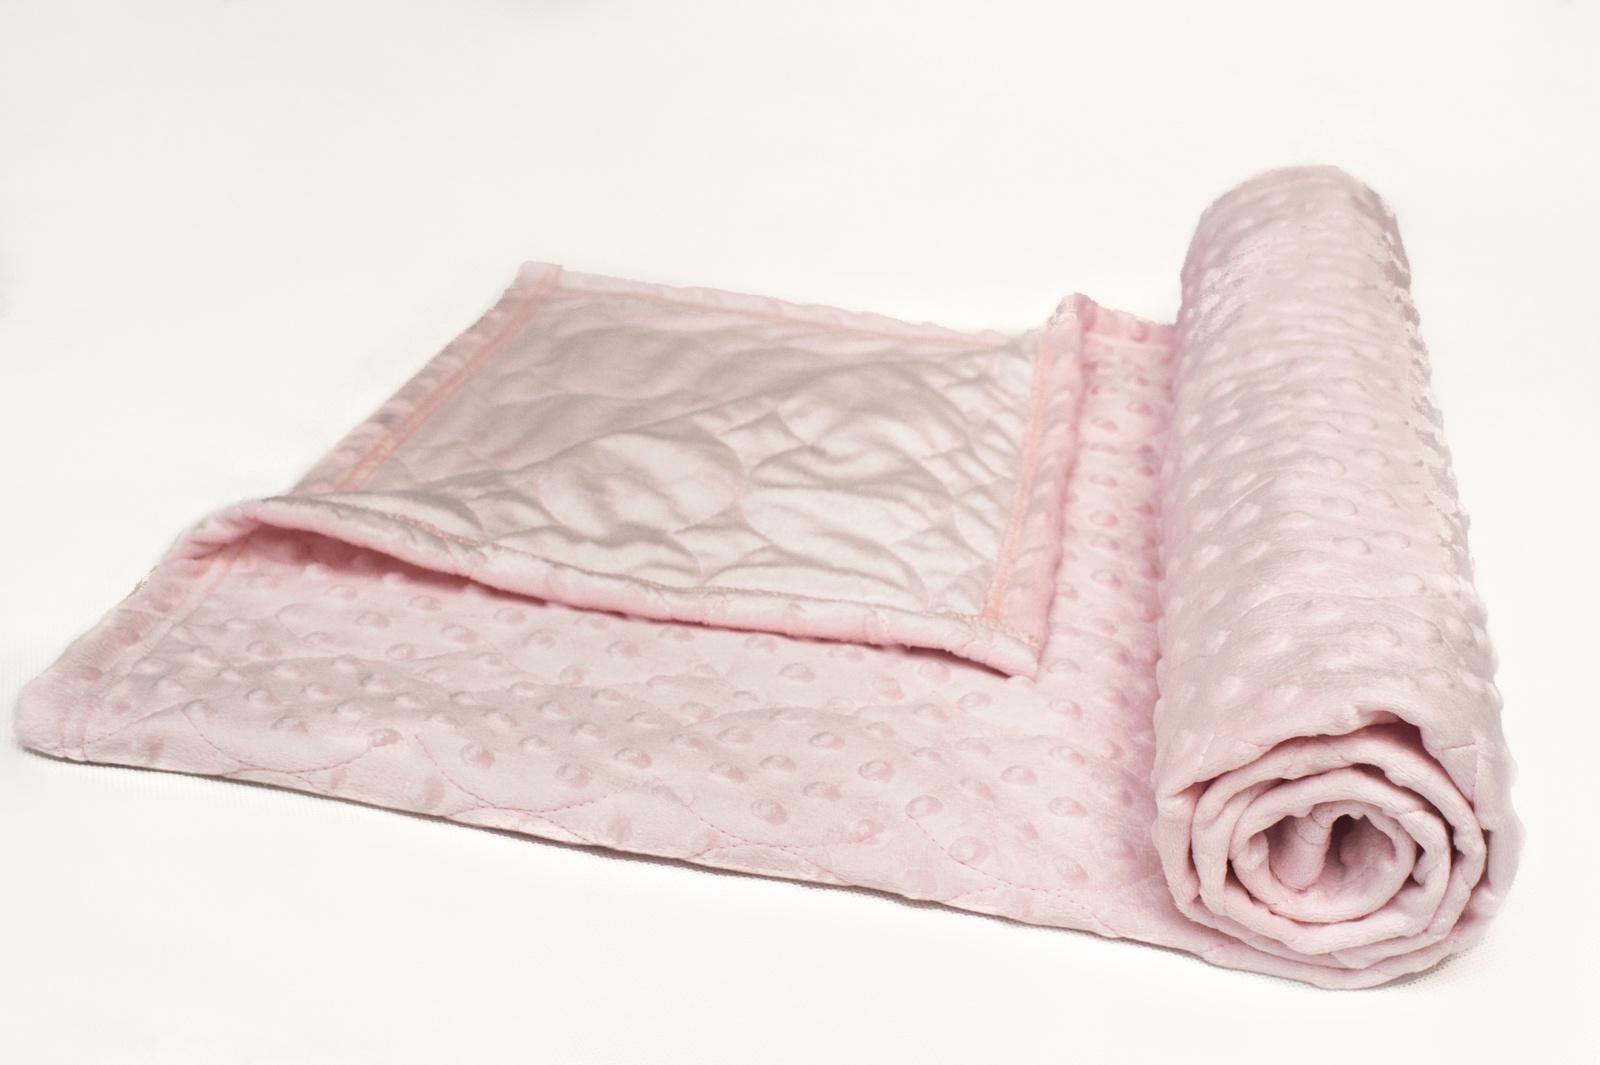 Детский плед Чудо Чадо я227-2-мех Плед детский розовый 86*111, Искусственный мех